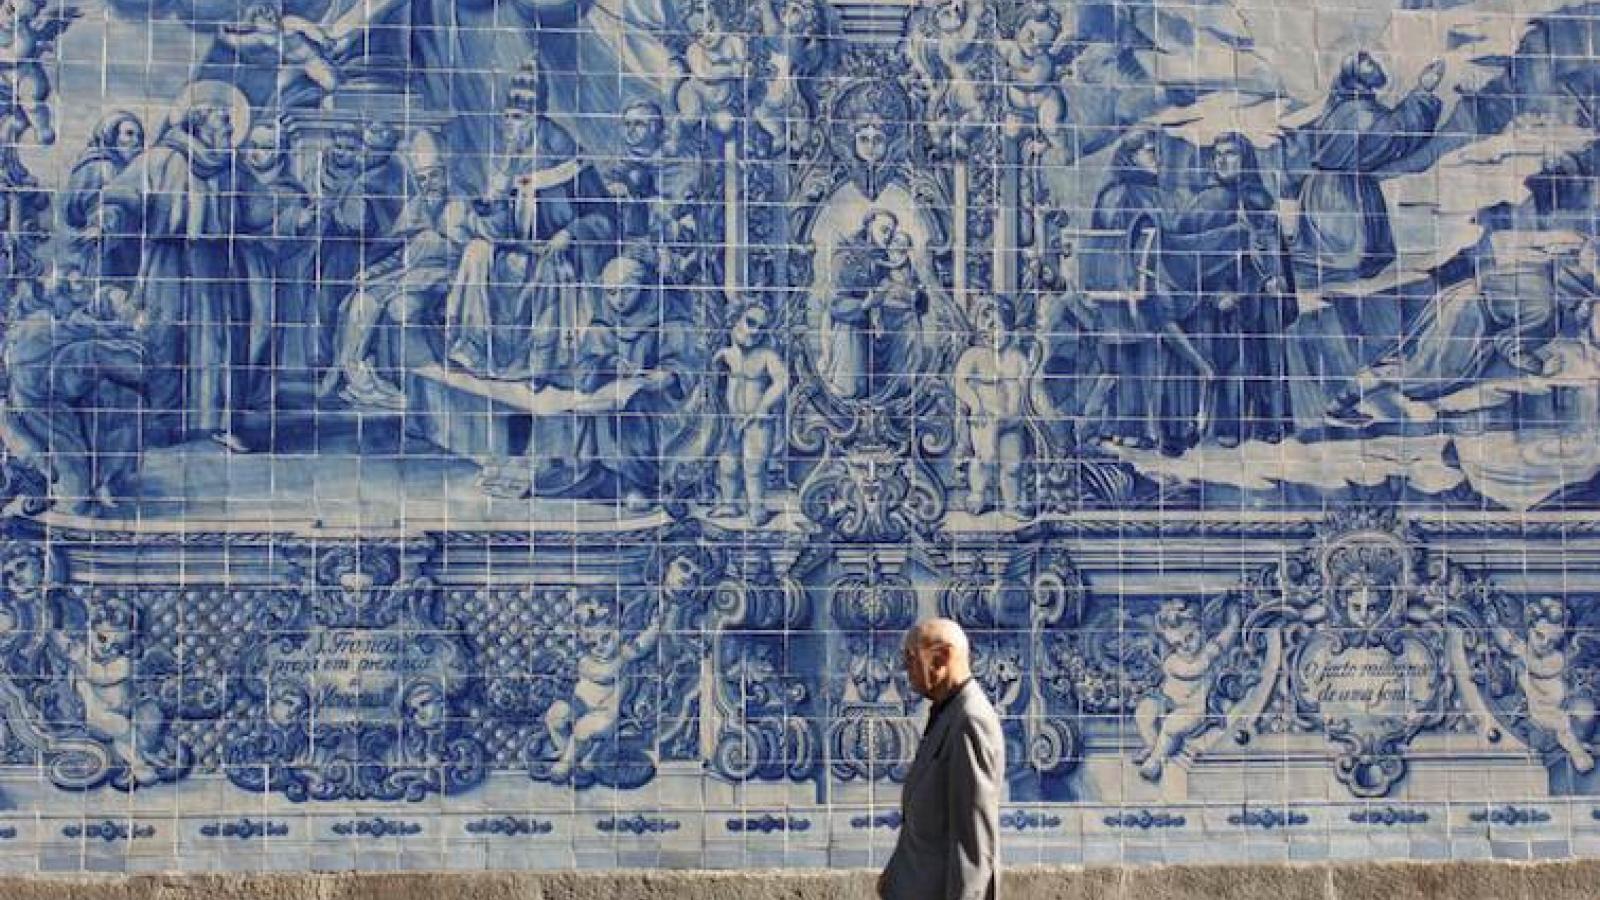 Nghệ thuật chế tác gạch men đặc biệt ở Bồ Đào Nha